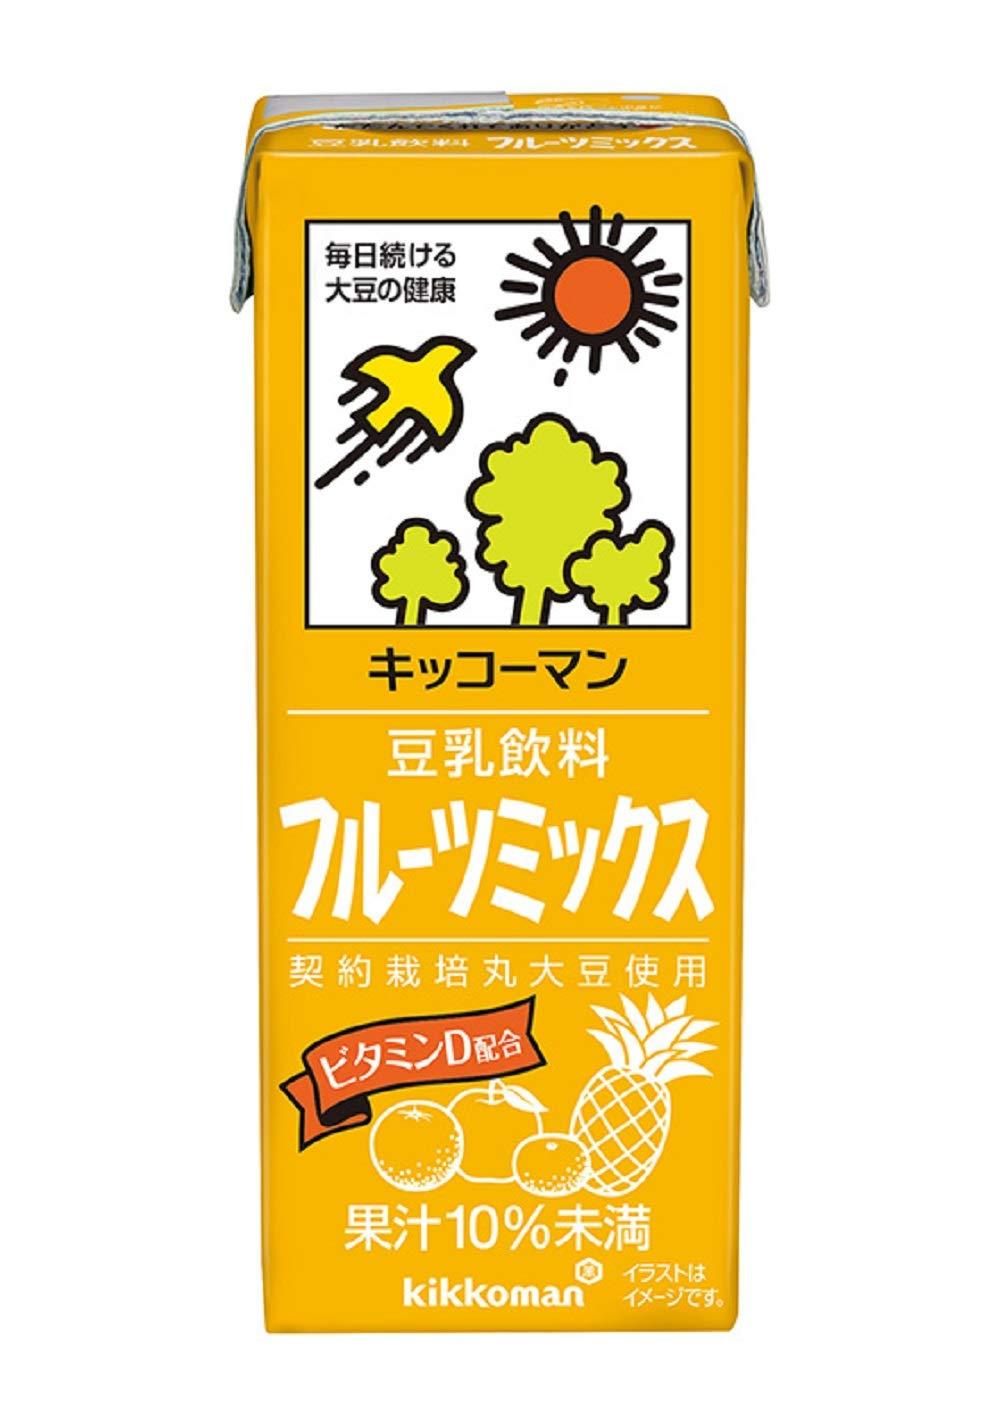 キッコーマンの豆乳飲料シリーズでカロリーが低い方に分類されるフルーツミックス味